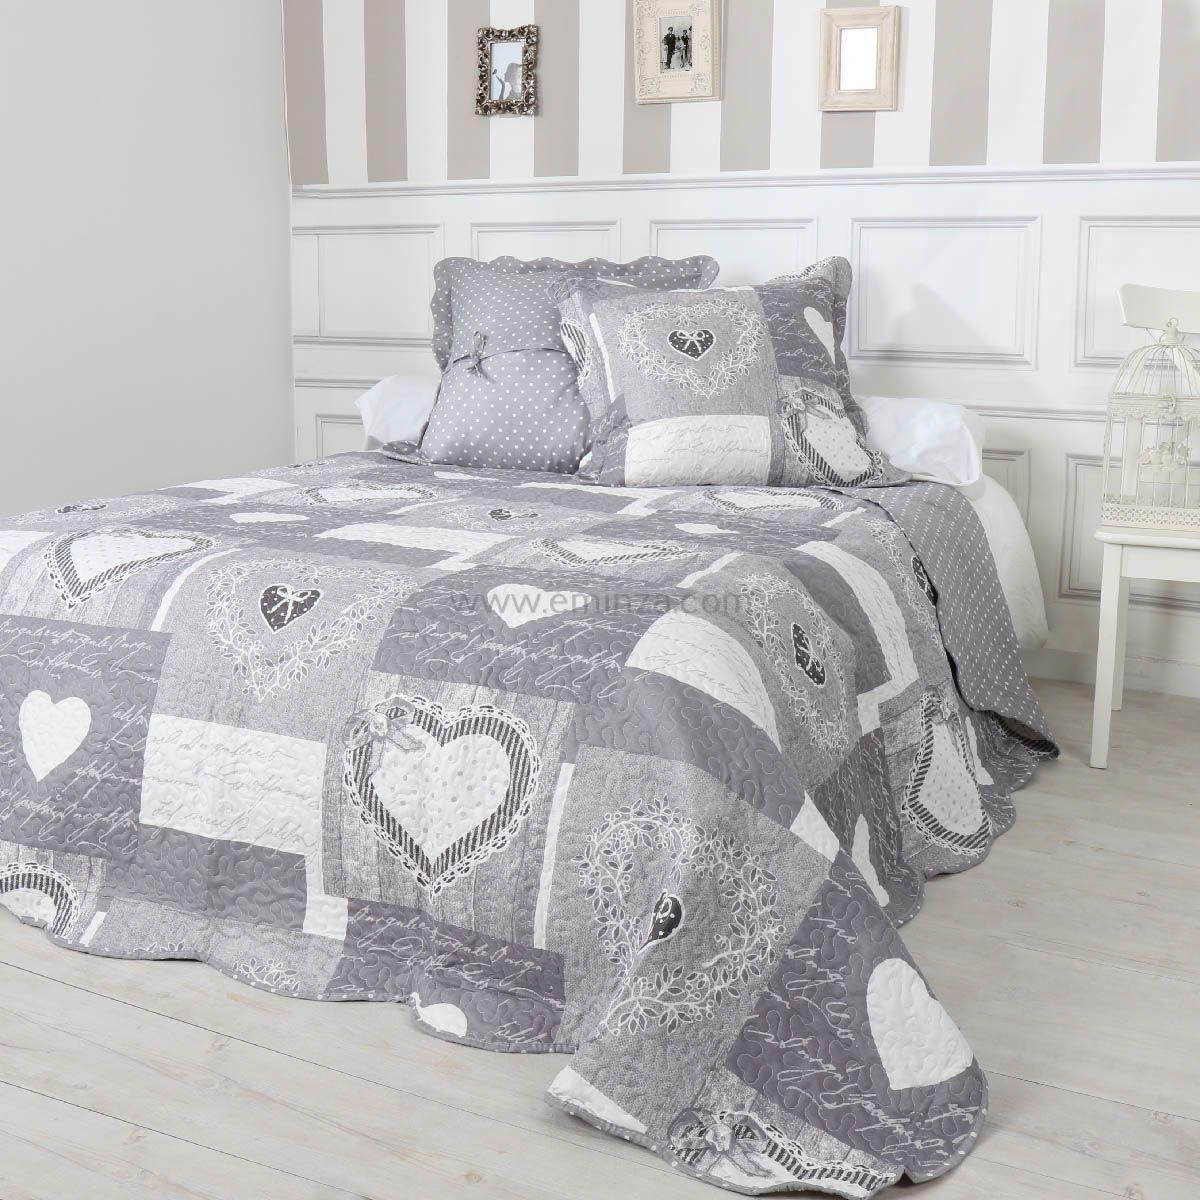 linge de maison linge de lit couvre lits & boutis Boutis et taies d'oreiller (260 x 240 cm) Veronina Gris | Couvre  linge de maison linge de lit couvre lits & boutis